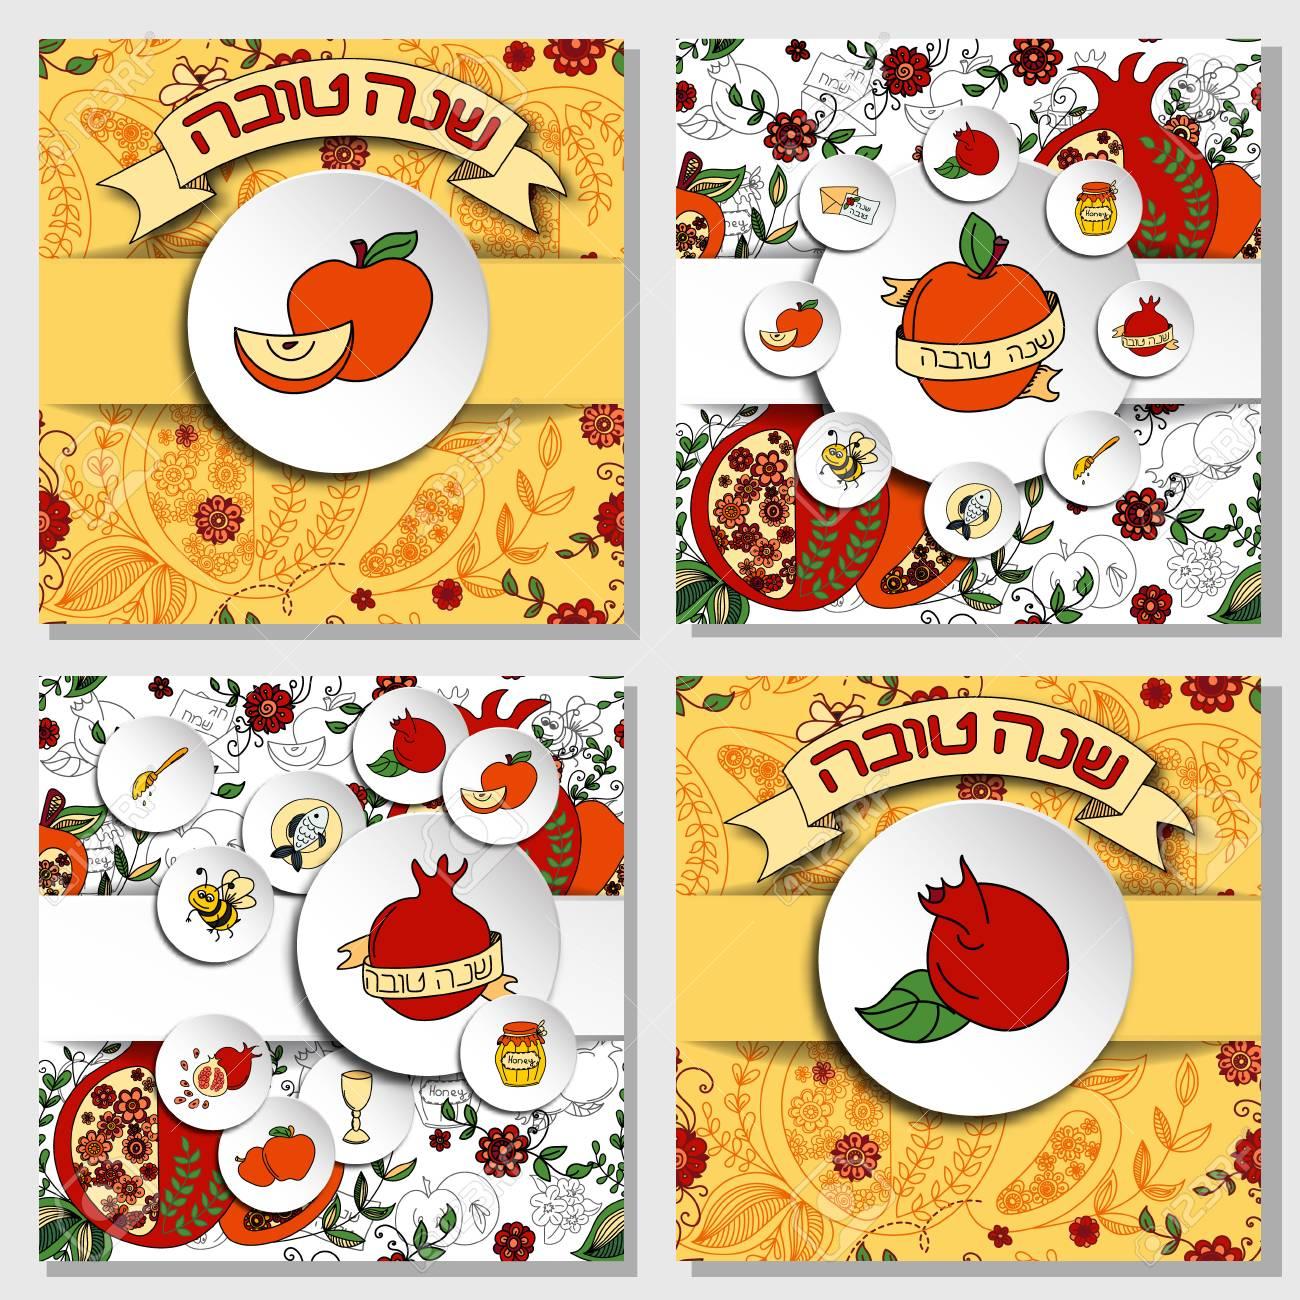 Rosh hashanah jewish new year greeting cards set hebrew text rosh hashanah jewish new year greeting cards set hebrew text m4hsunfo